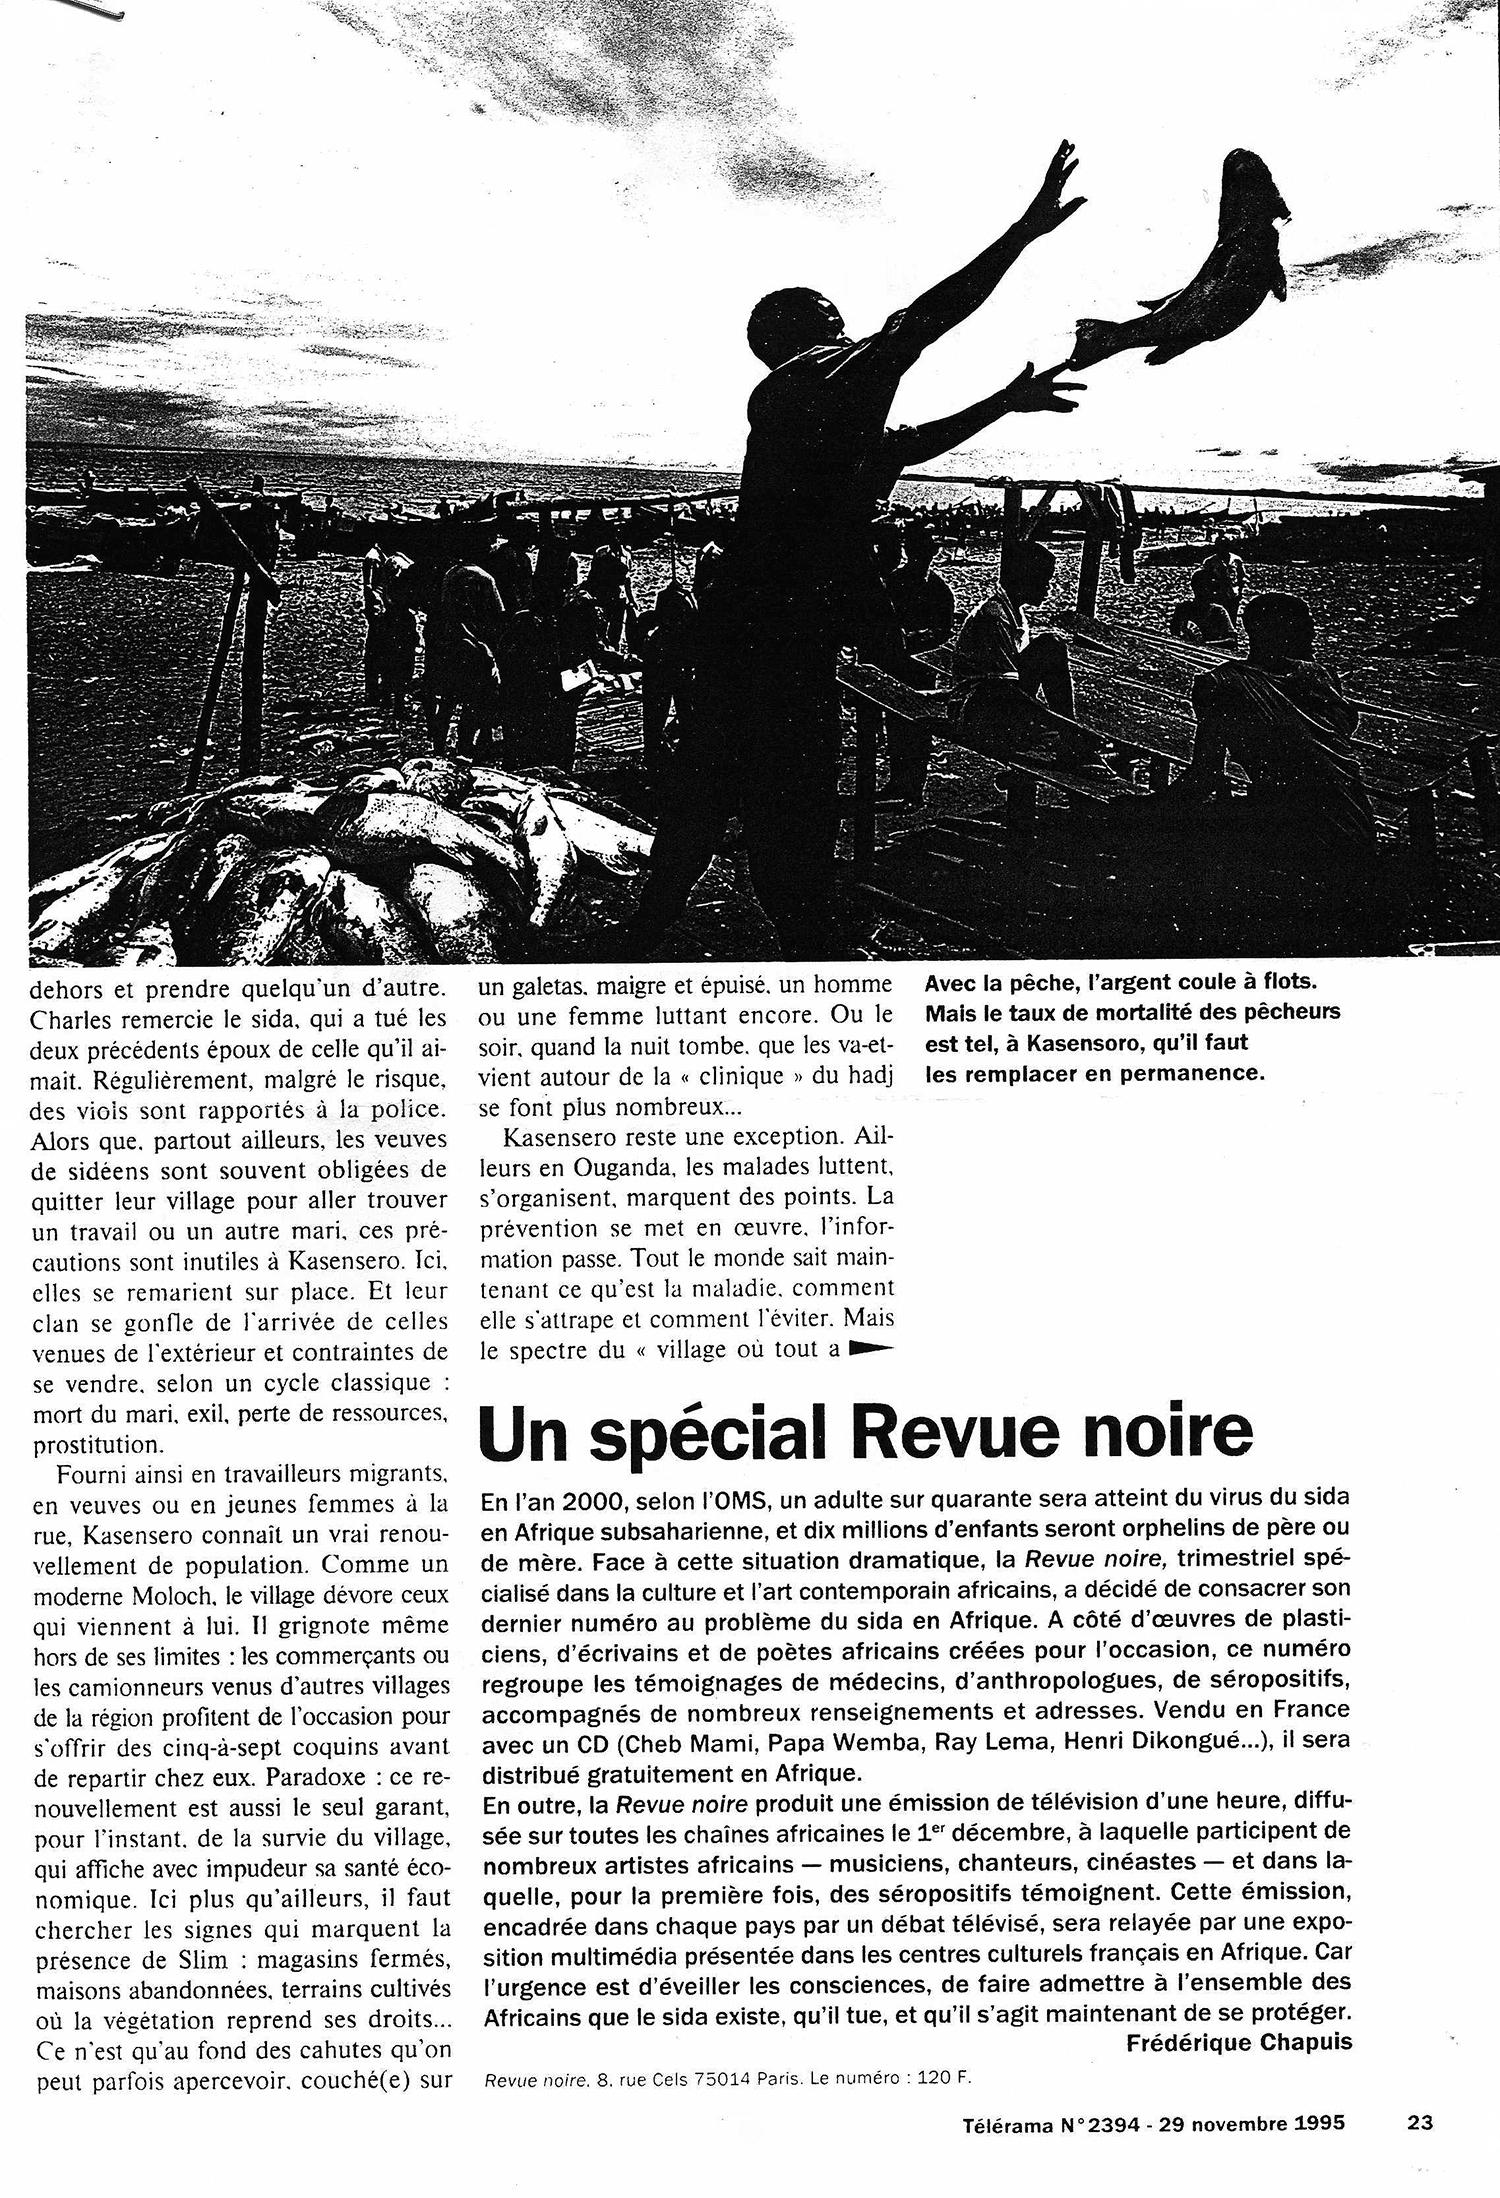 REVUE NOIRE revue de presse: Télérama nov 1995, par Frédérique Chapuis. Spécial Revue Noire RN19: Les artistes africains et le sida